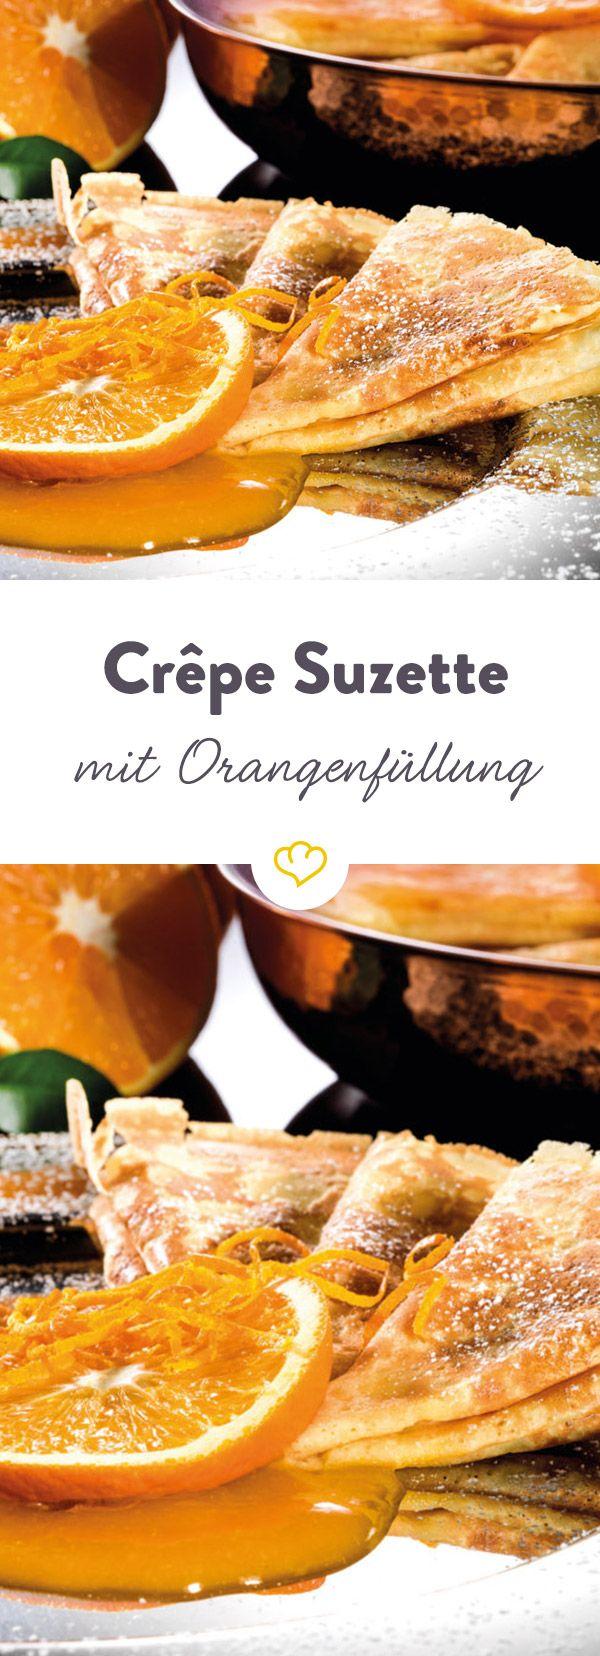 Mit diesem flambierten Dessert heizt du deinen Gästen richtig ein. Die französische Süßspeise aus den 80ern feiert jetzt ein Revival.